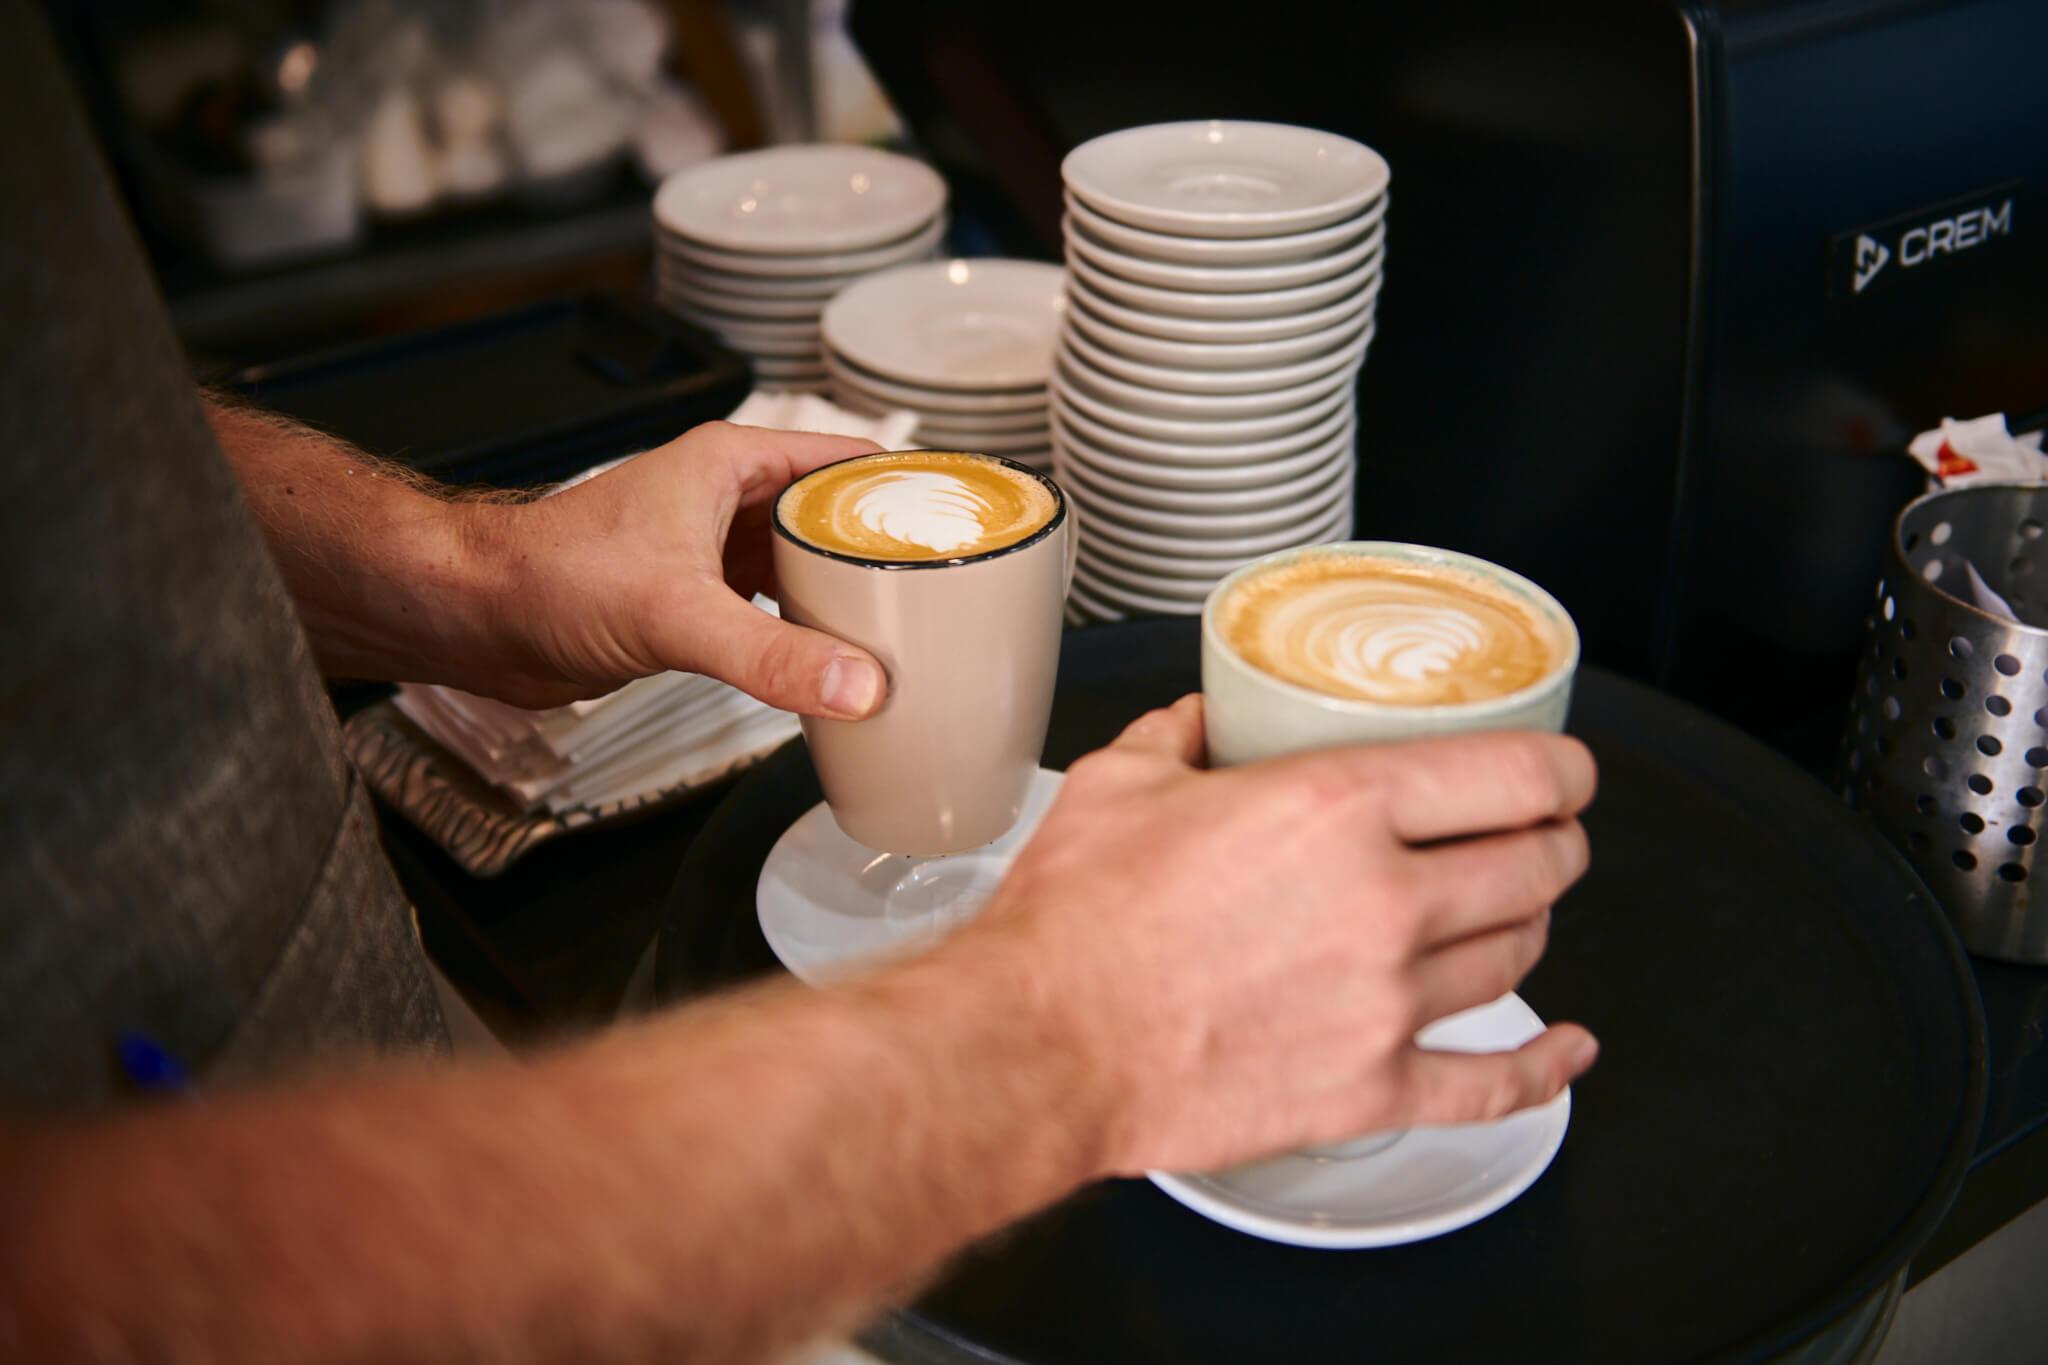 Prepared latte